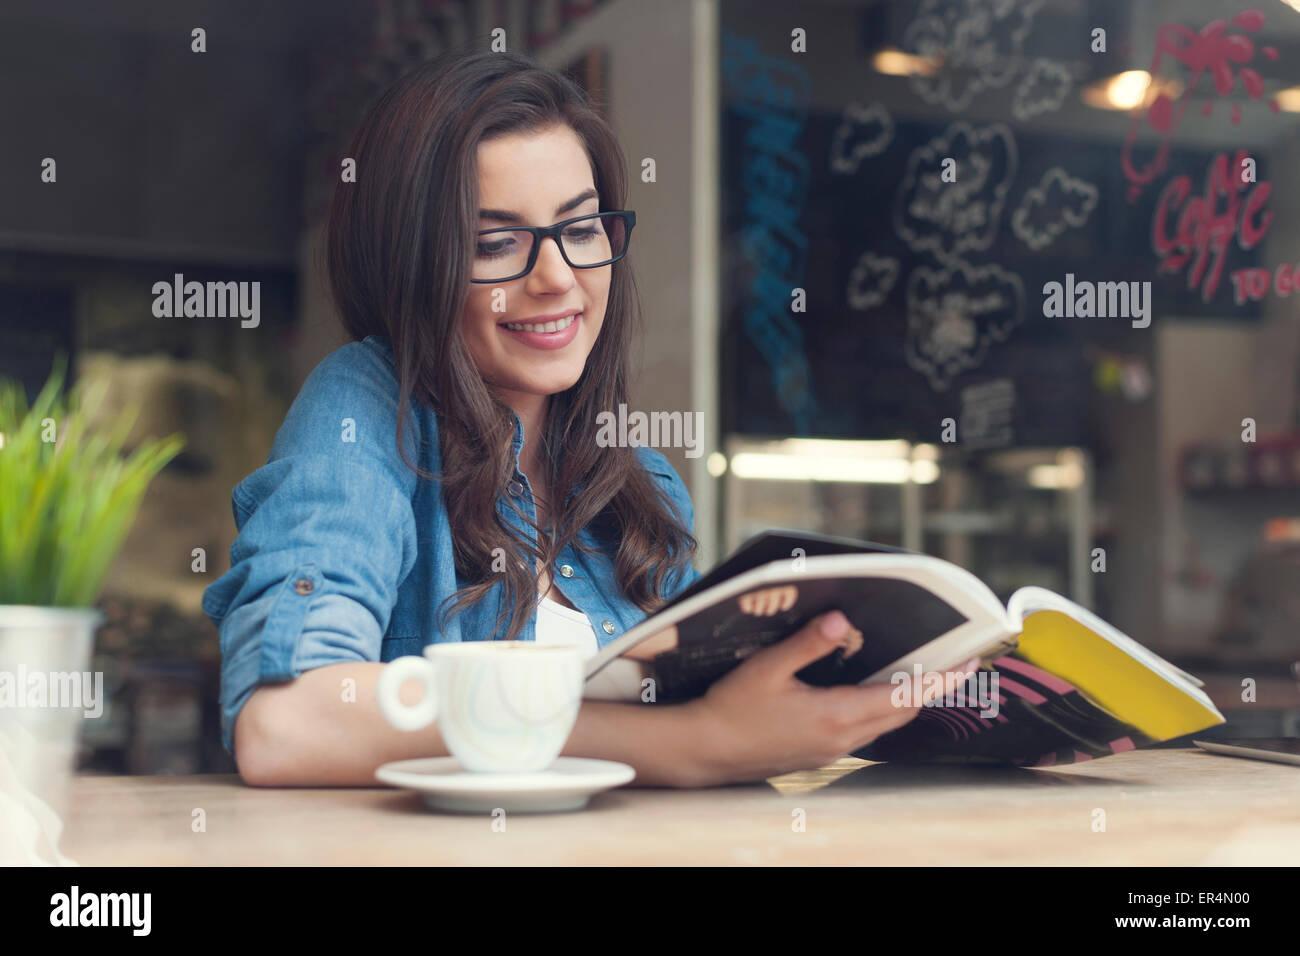 Mujer sonriente la lectura de periódicos en el cafe. Cracovia, Polonia Imagen De Stock